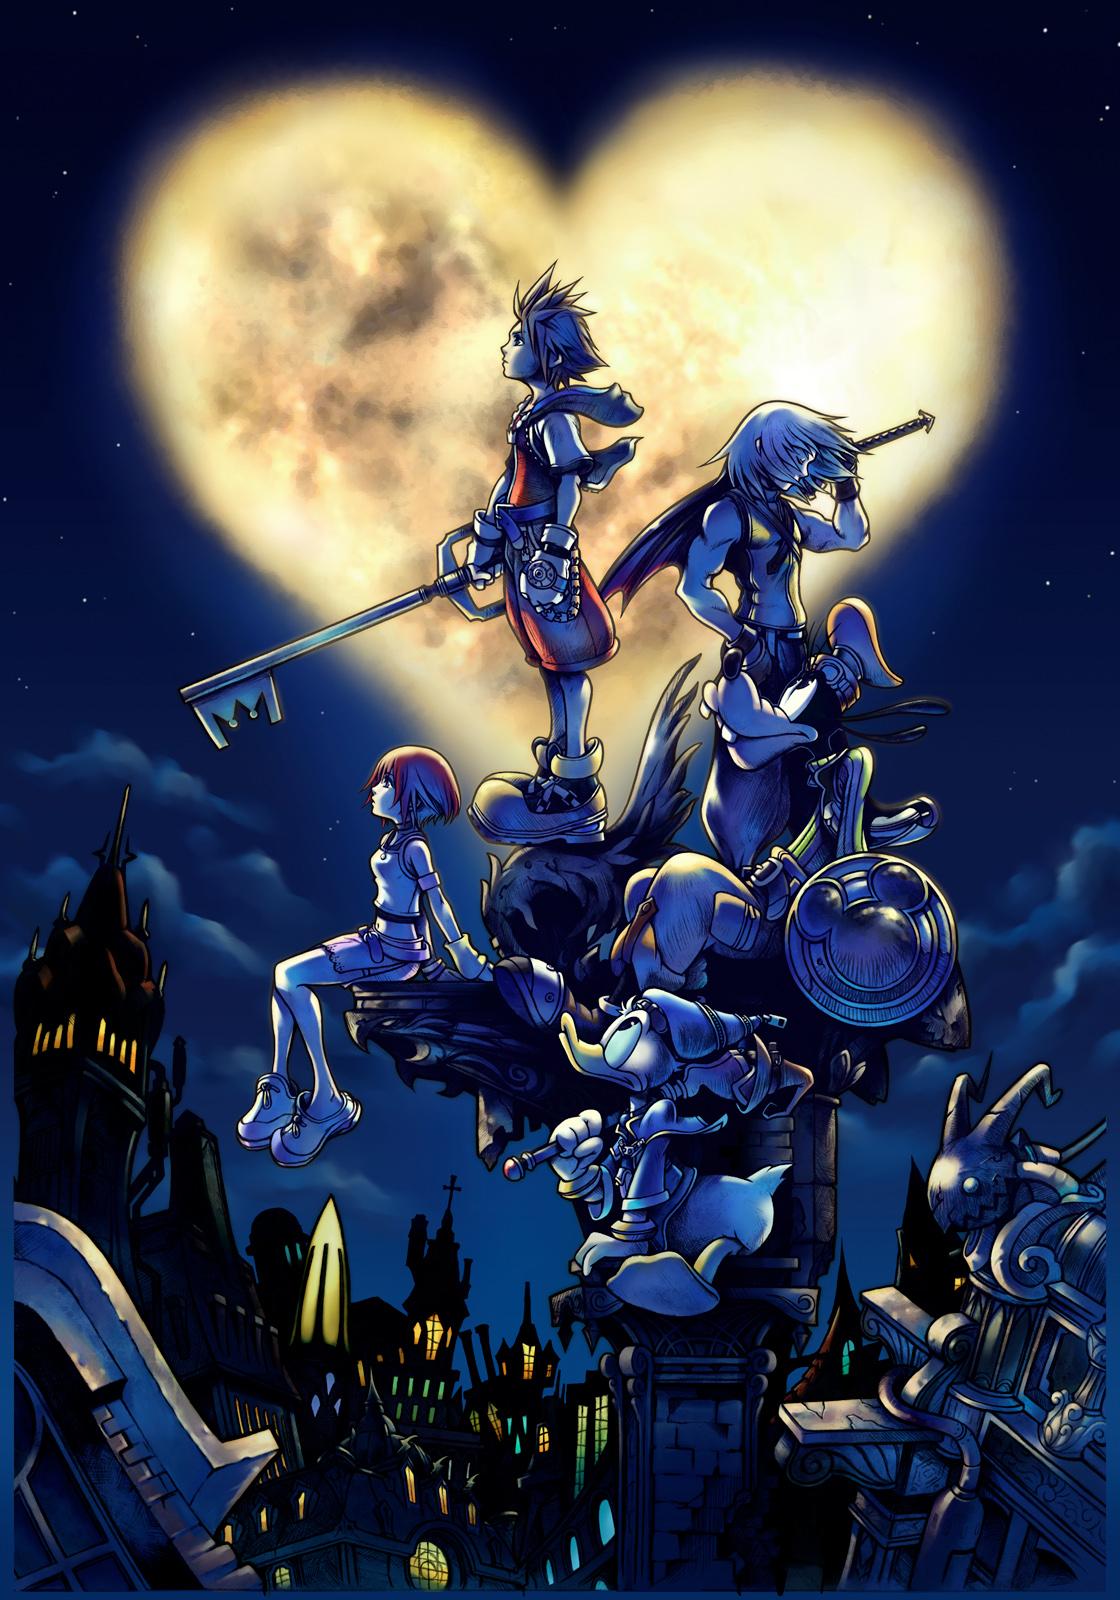 Category:PlayStation 2 games | Disney Wiki | FANDOM powered by Wikia